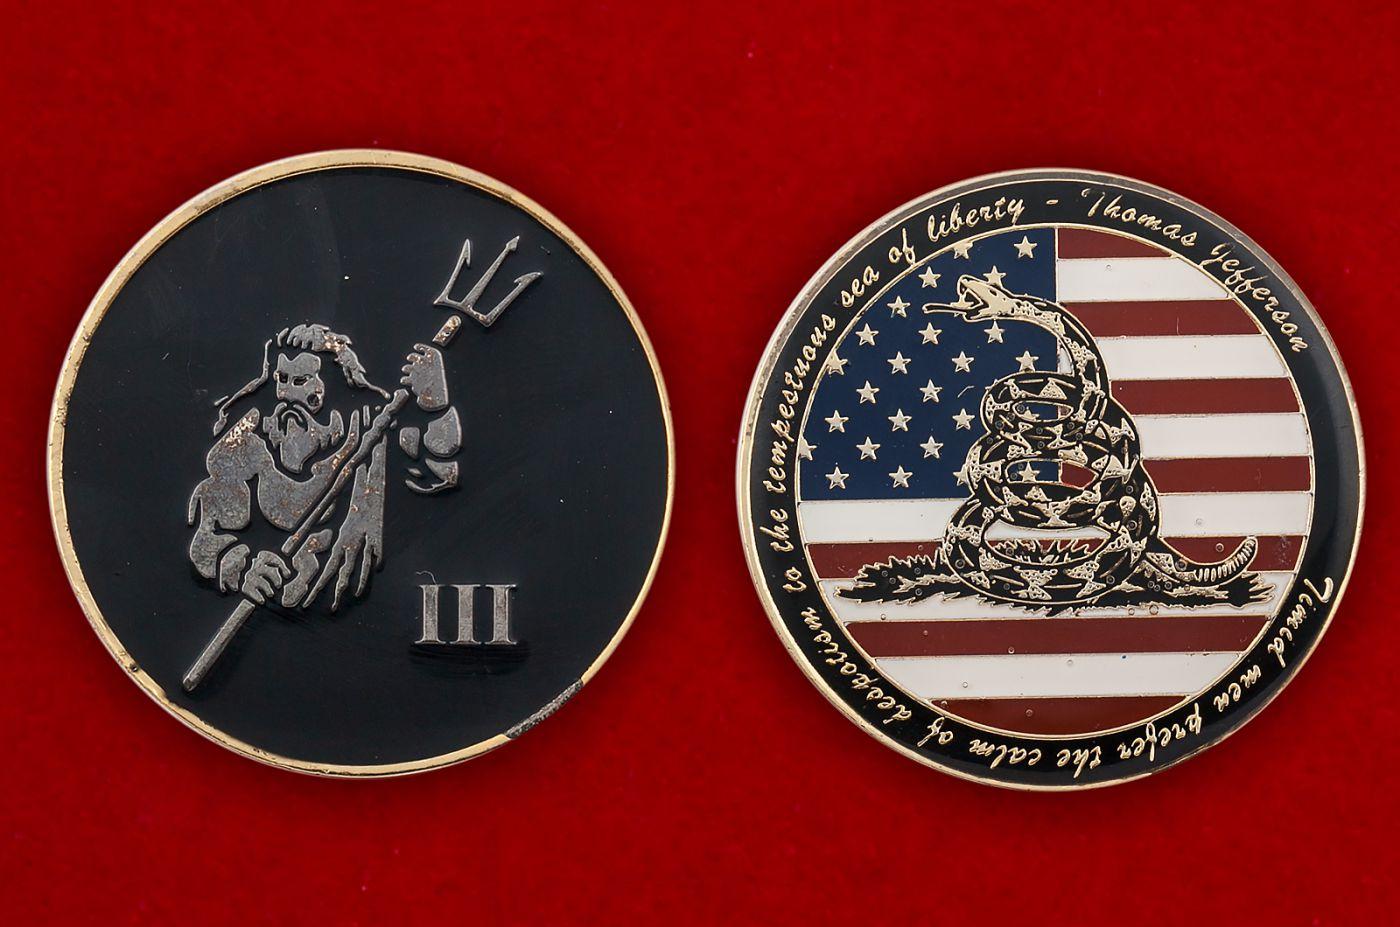 """Челлендж коин """"Декларация за независимость США Томаса Джефферсона"""" - аверс и реверс"""